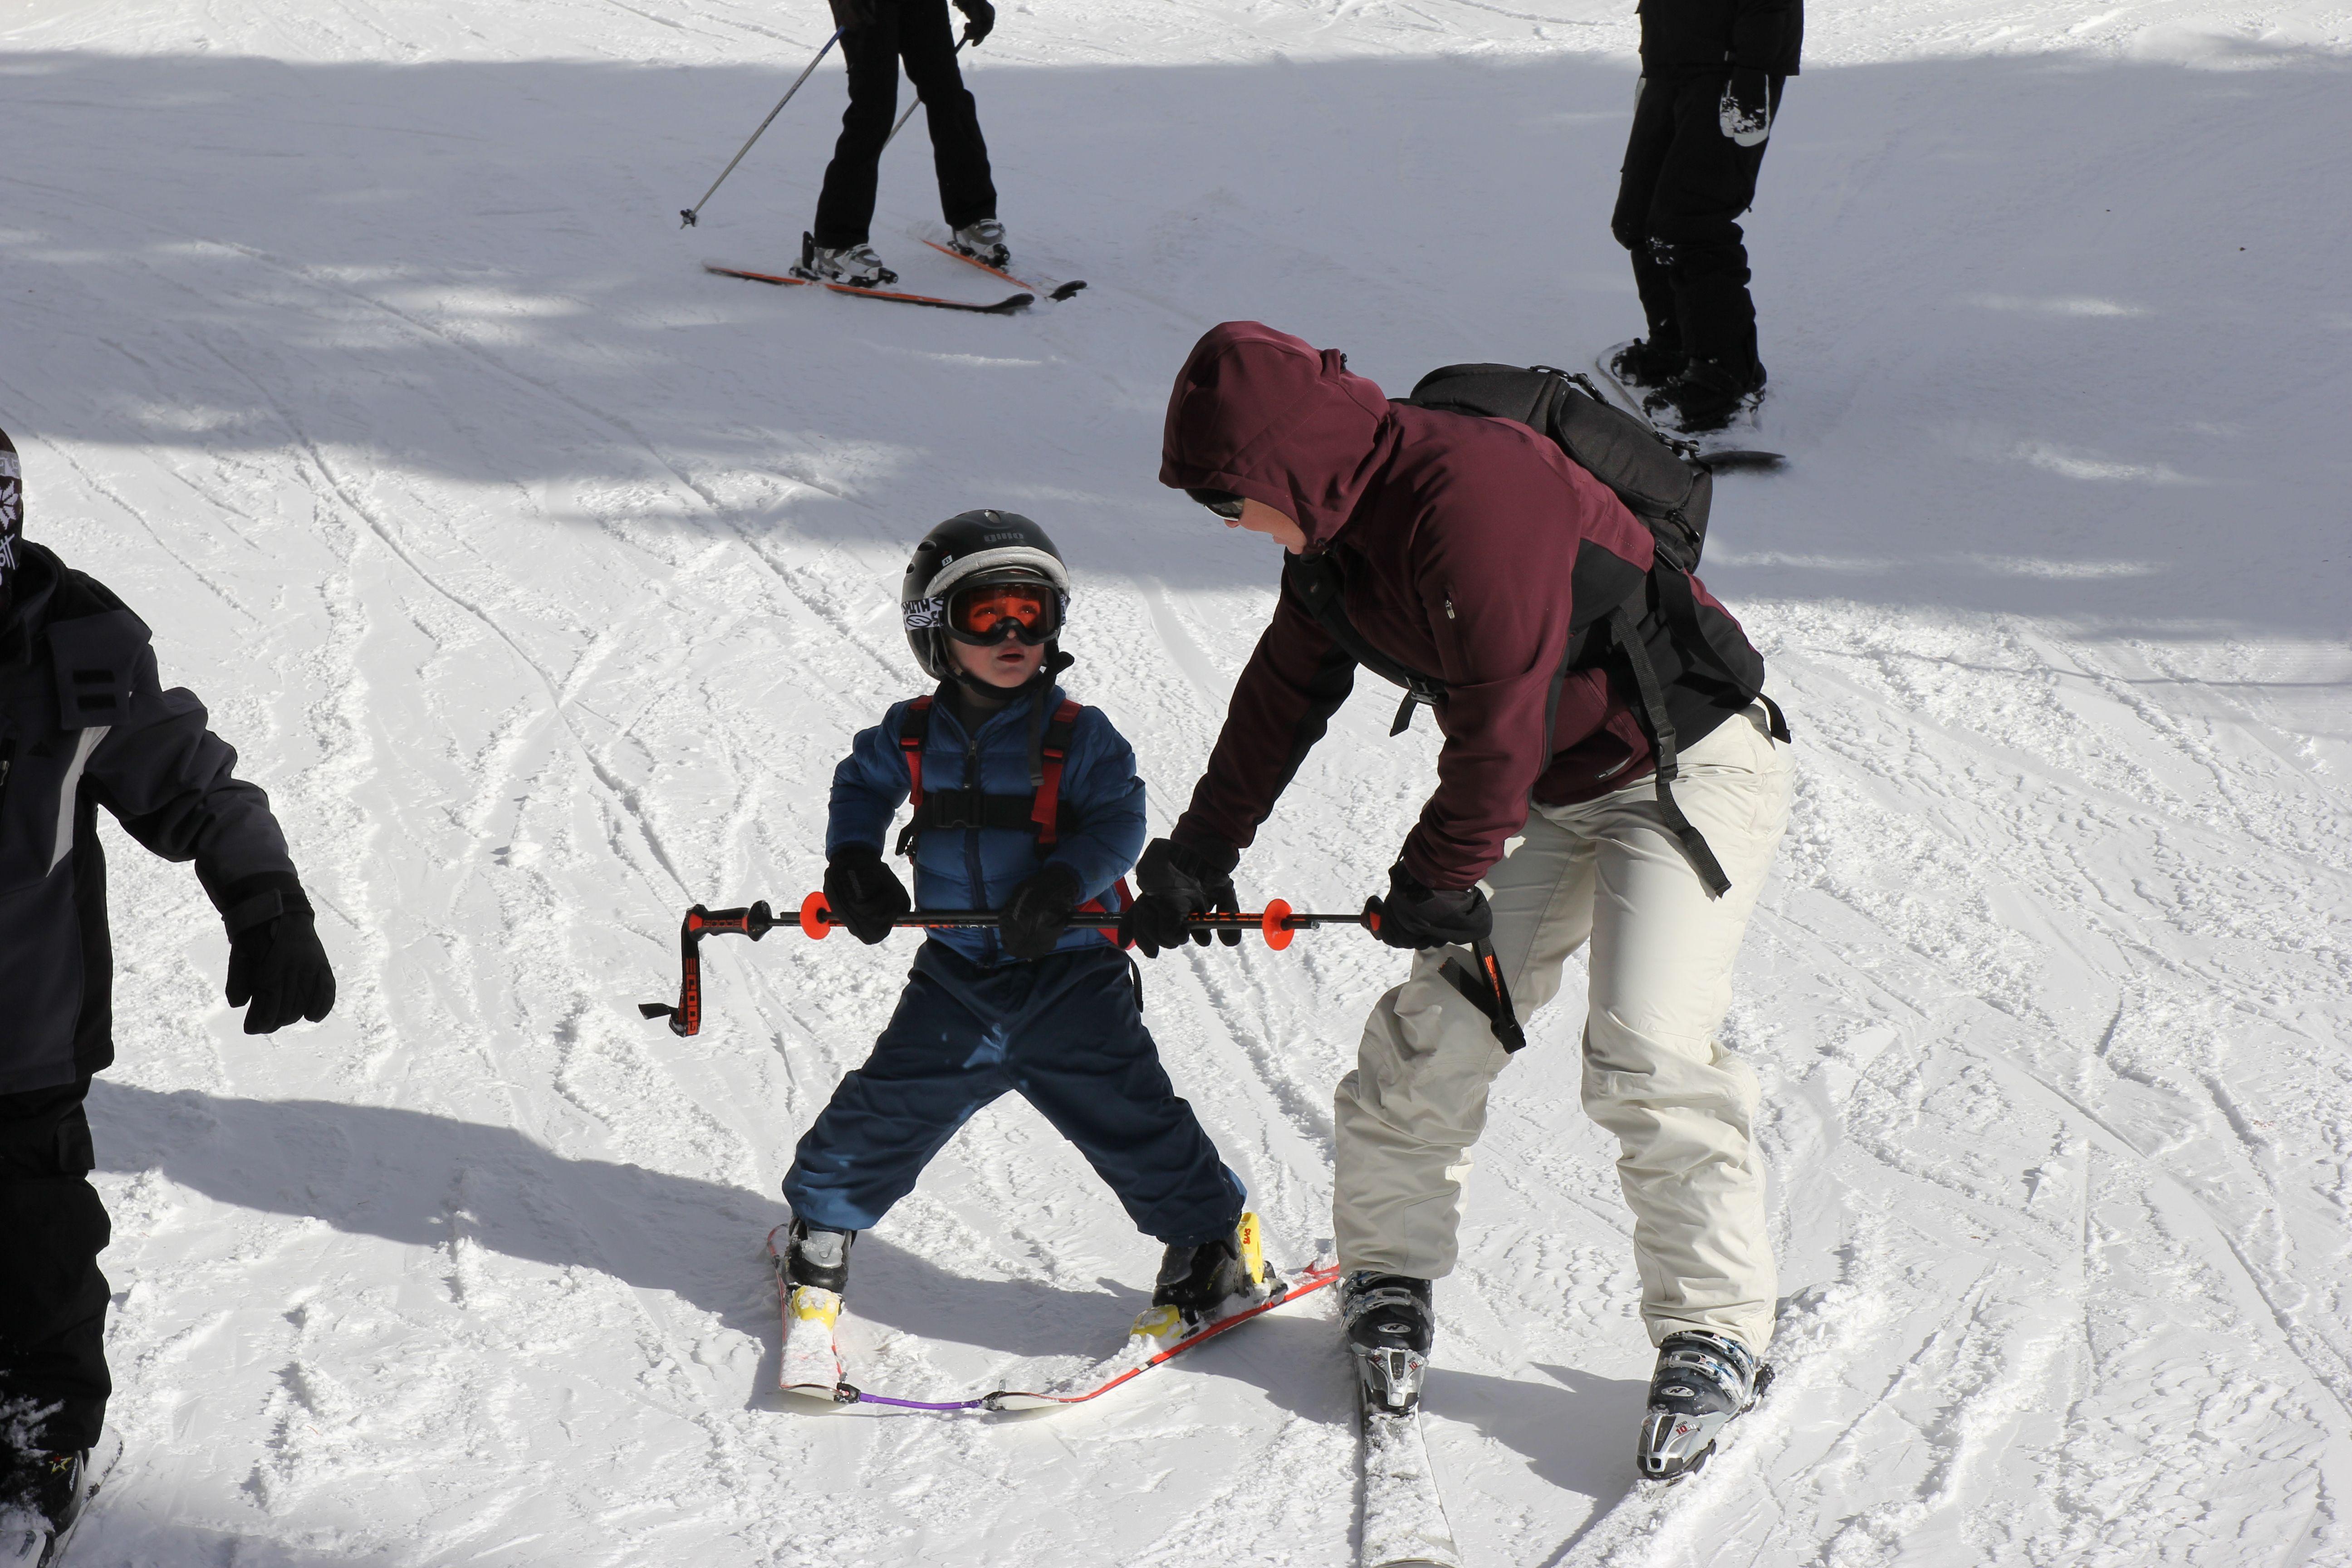 Edgie Wedgie Helps Teach Kids To Ski Teaching Kids Help Teaching Kids